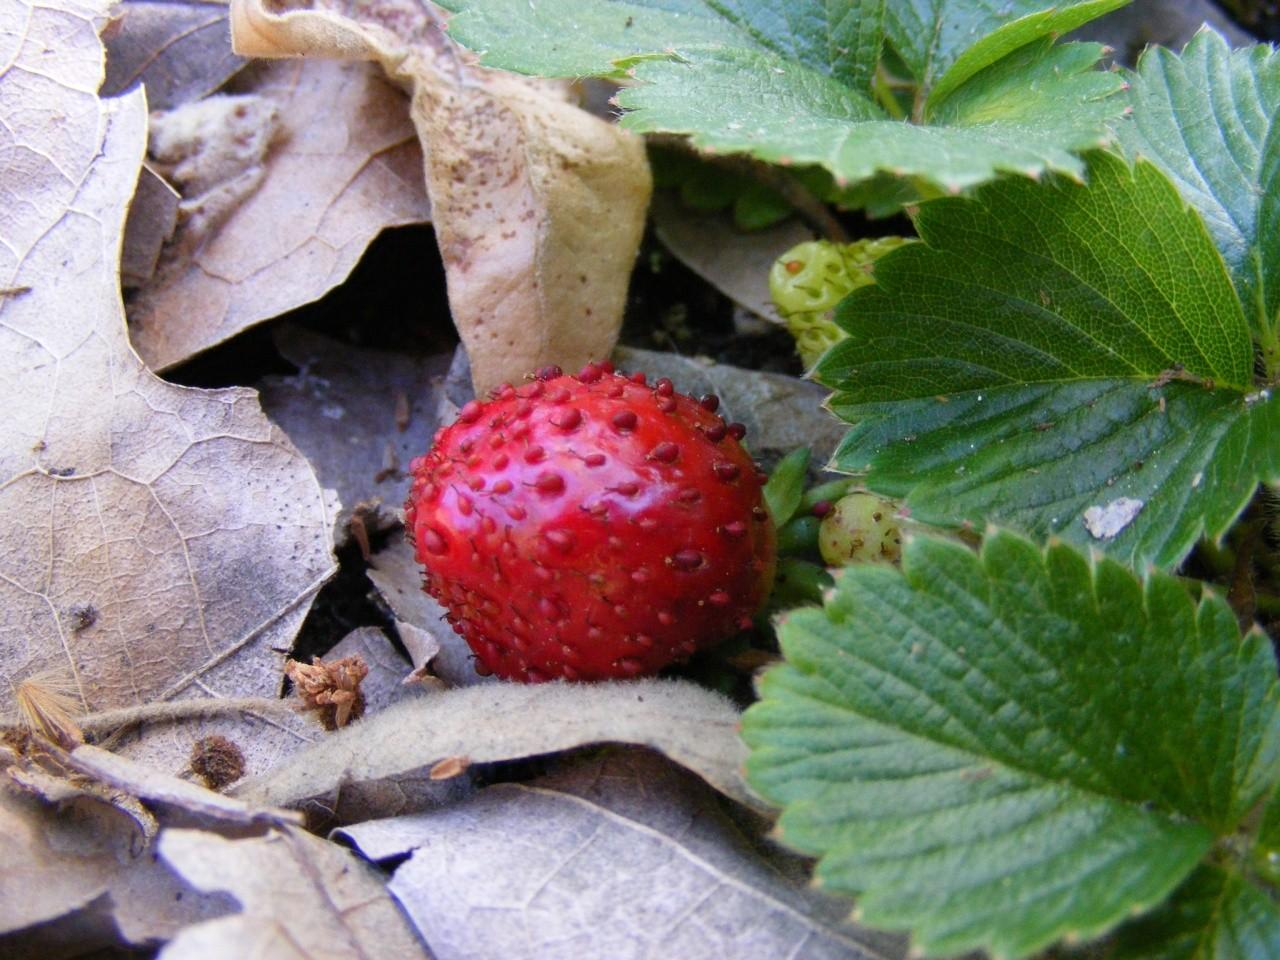 Strawberries 00214